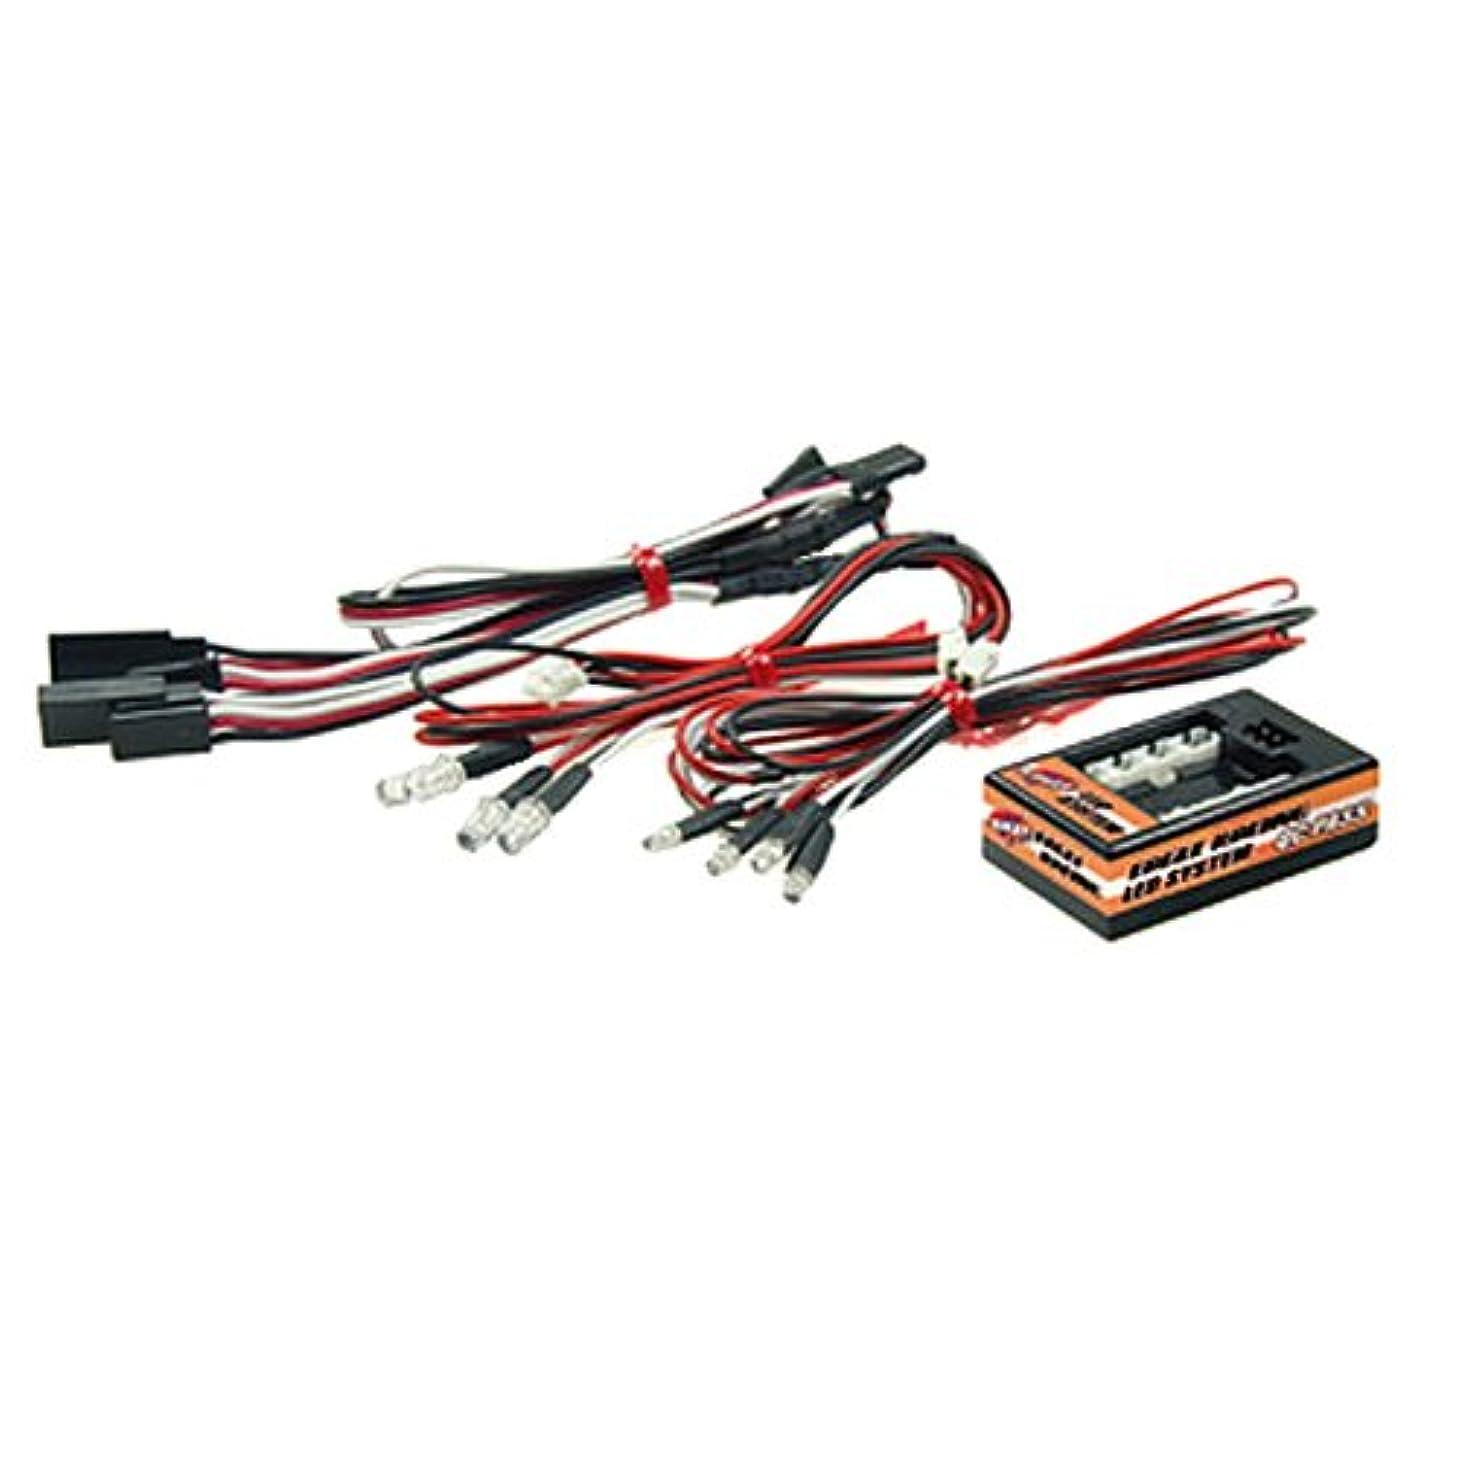 消化器ワンダー破滅的な京商 LEDライトユニット クリア&レッド (MINI-Z Sports用) ラジコン用パーツ MZW429R